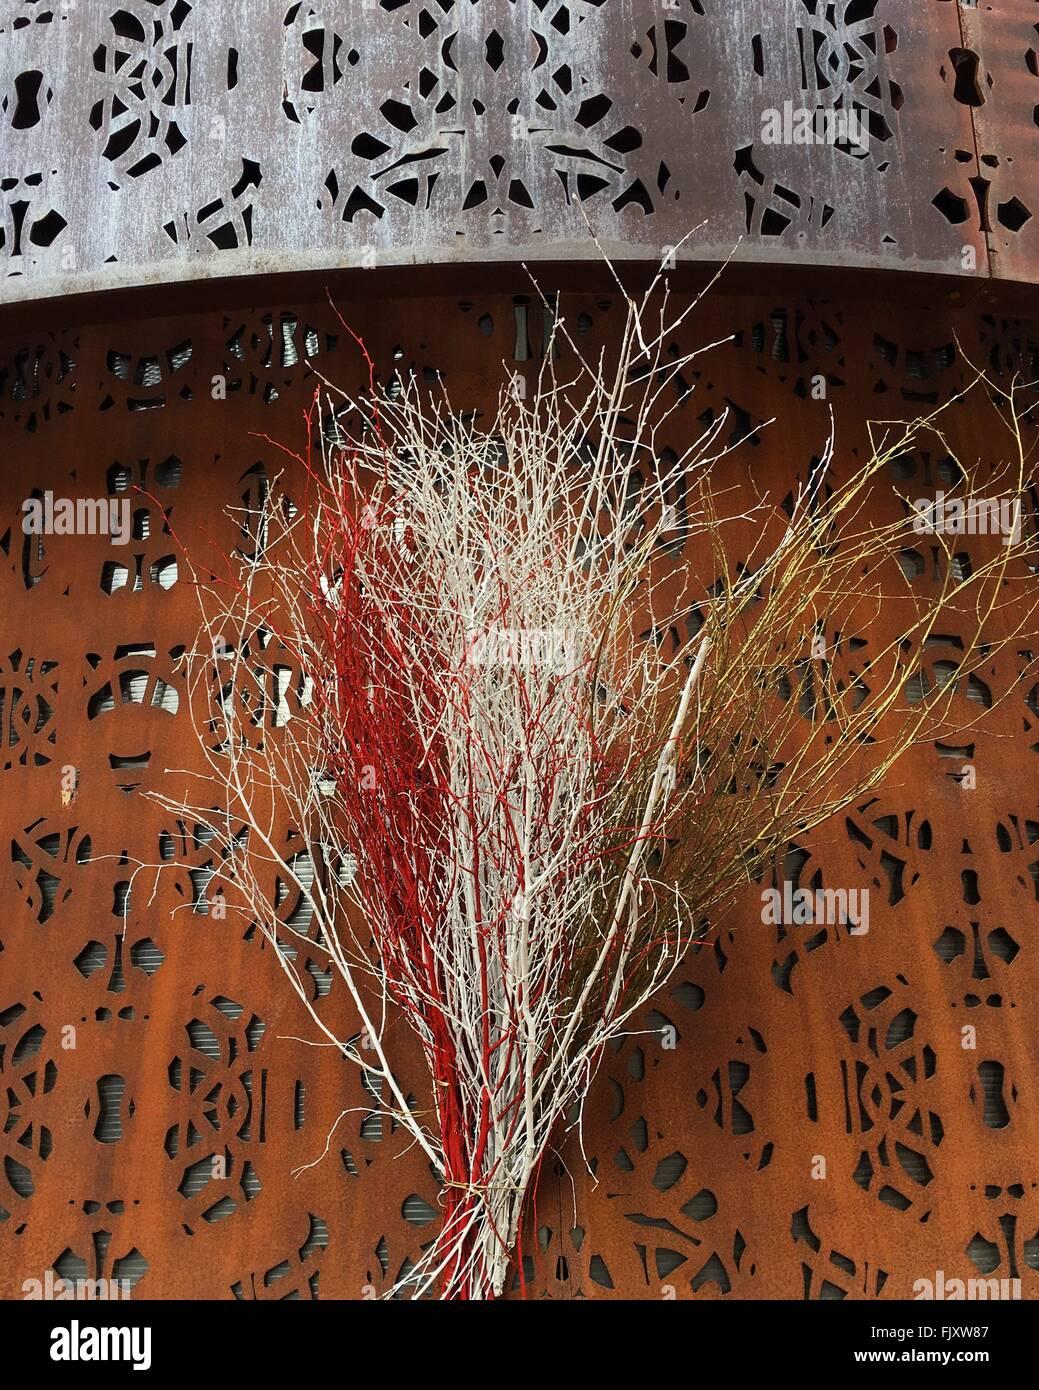 Branches dénudées contre mur à carreaux Photo Stock